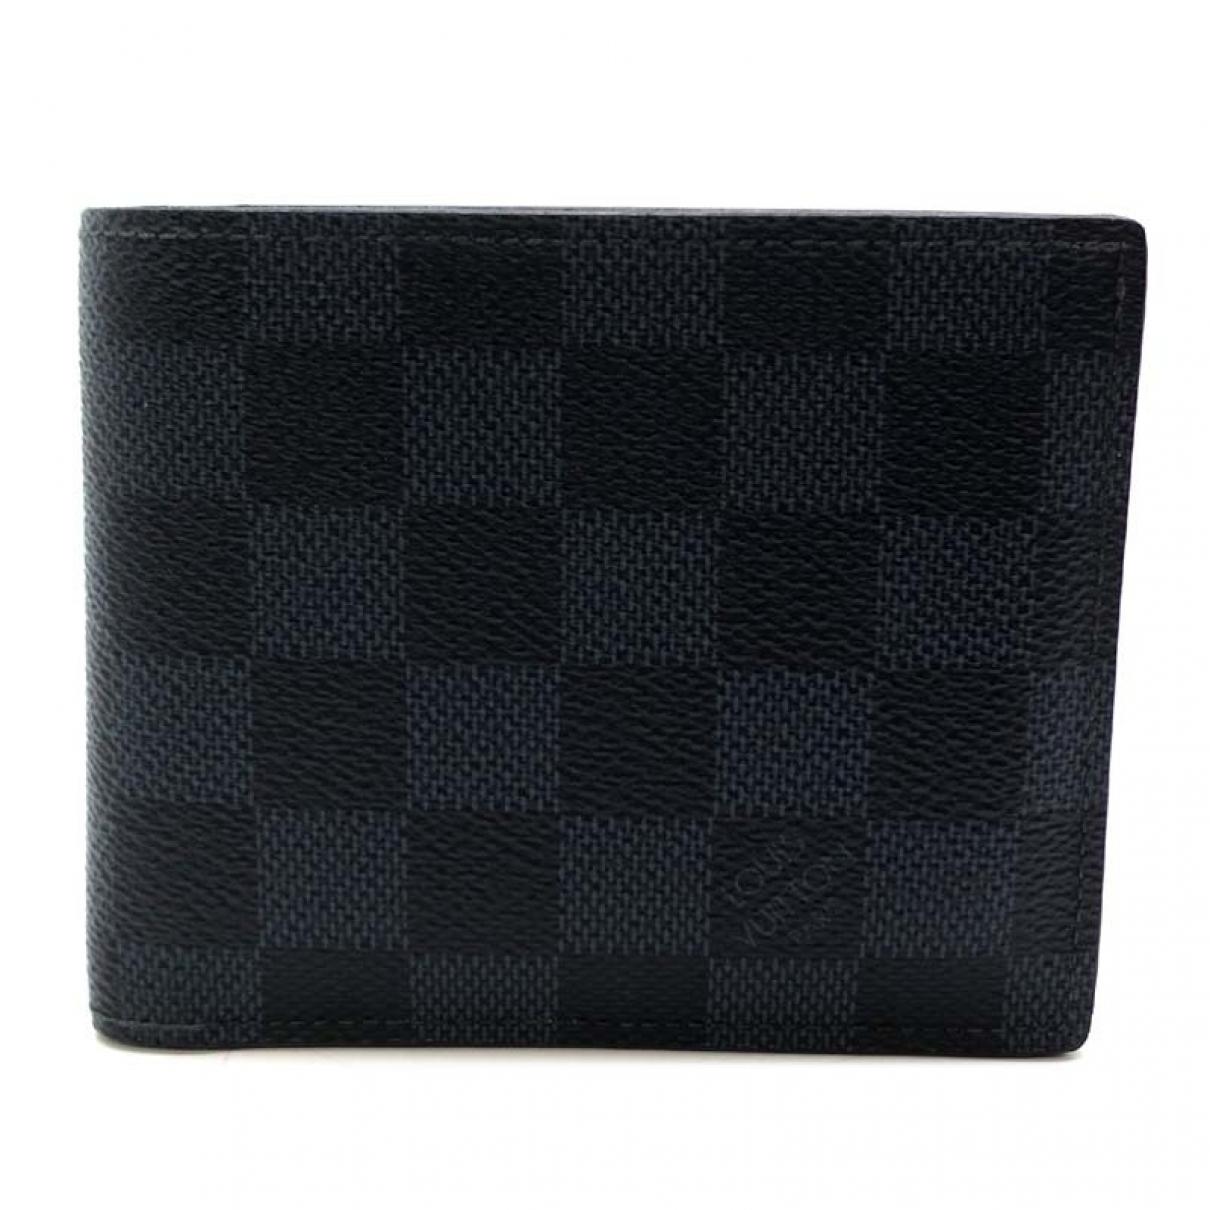 Louis Vuitton - Petite maroquinerie   pour homme en toile - gris